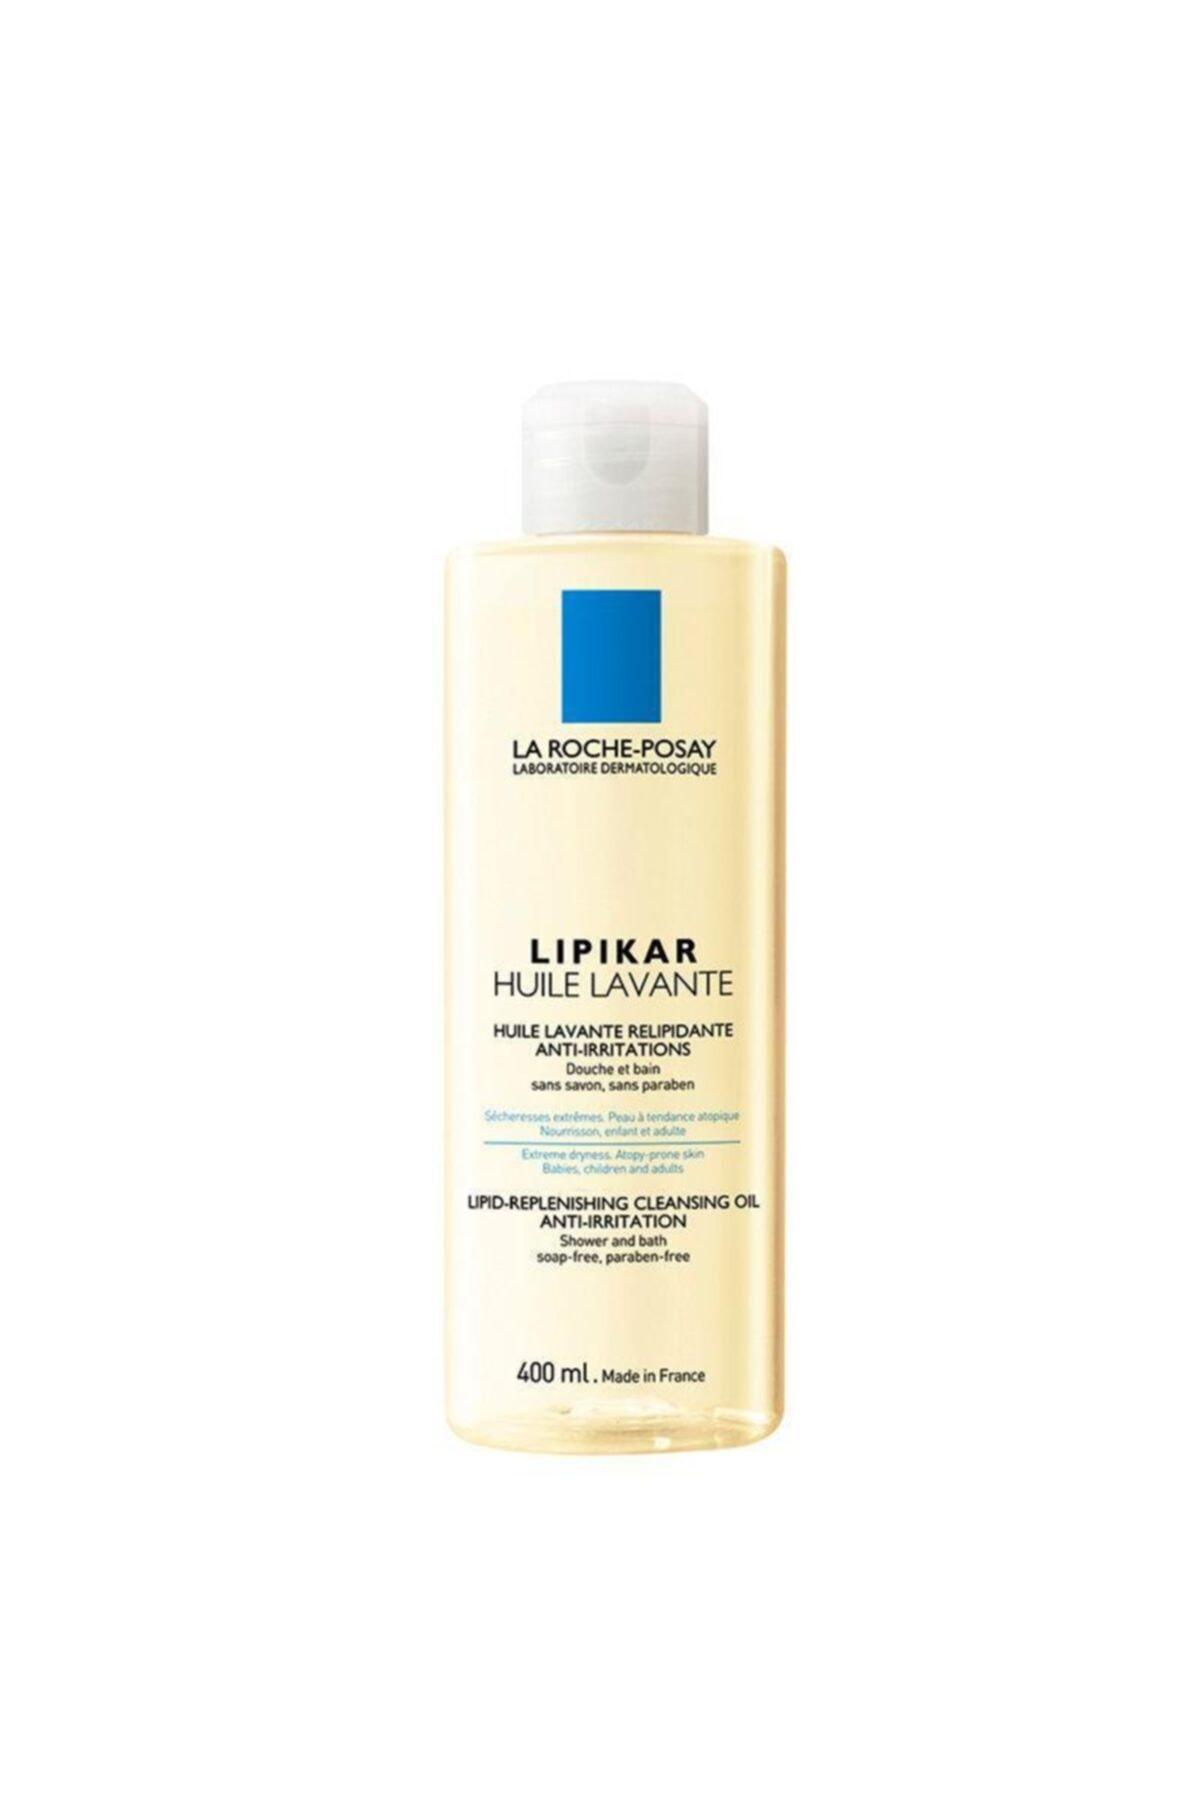 La Roche Posay Lipikar Huile Lavante Cleansing Oil - Vücut Yıkama Yağı 400ml 1